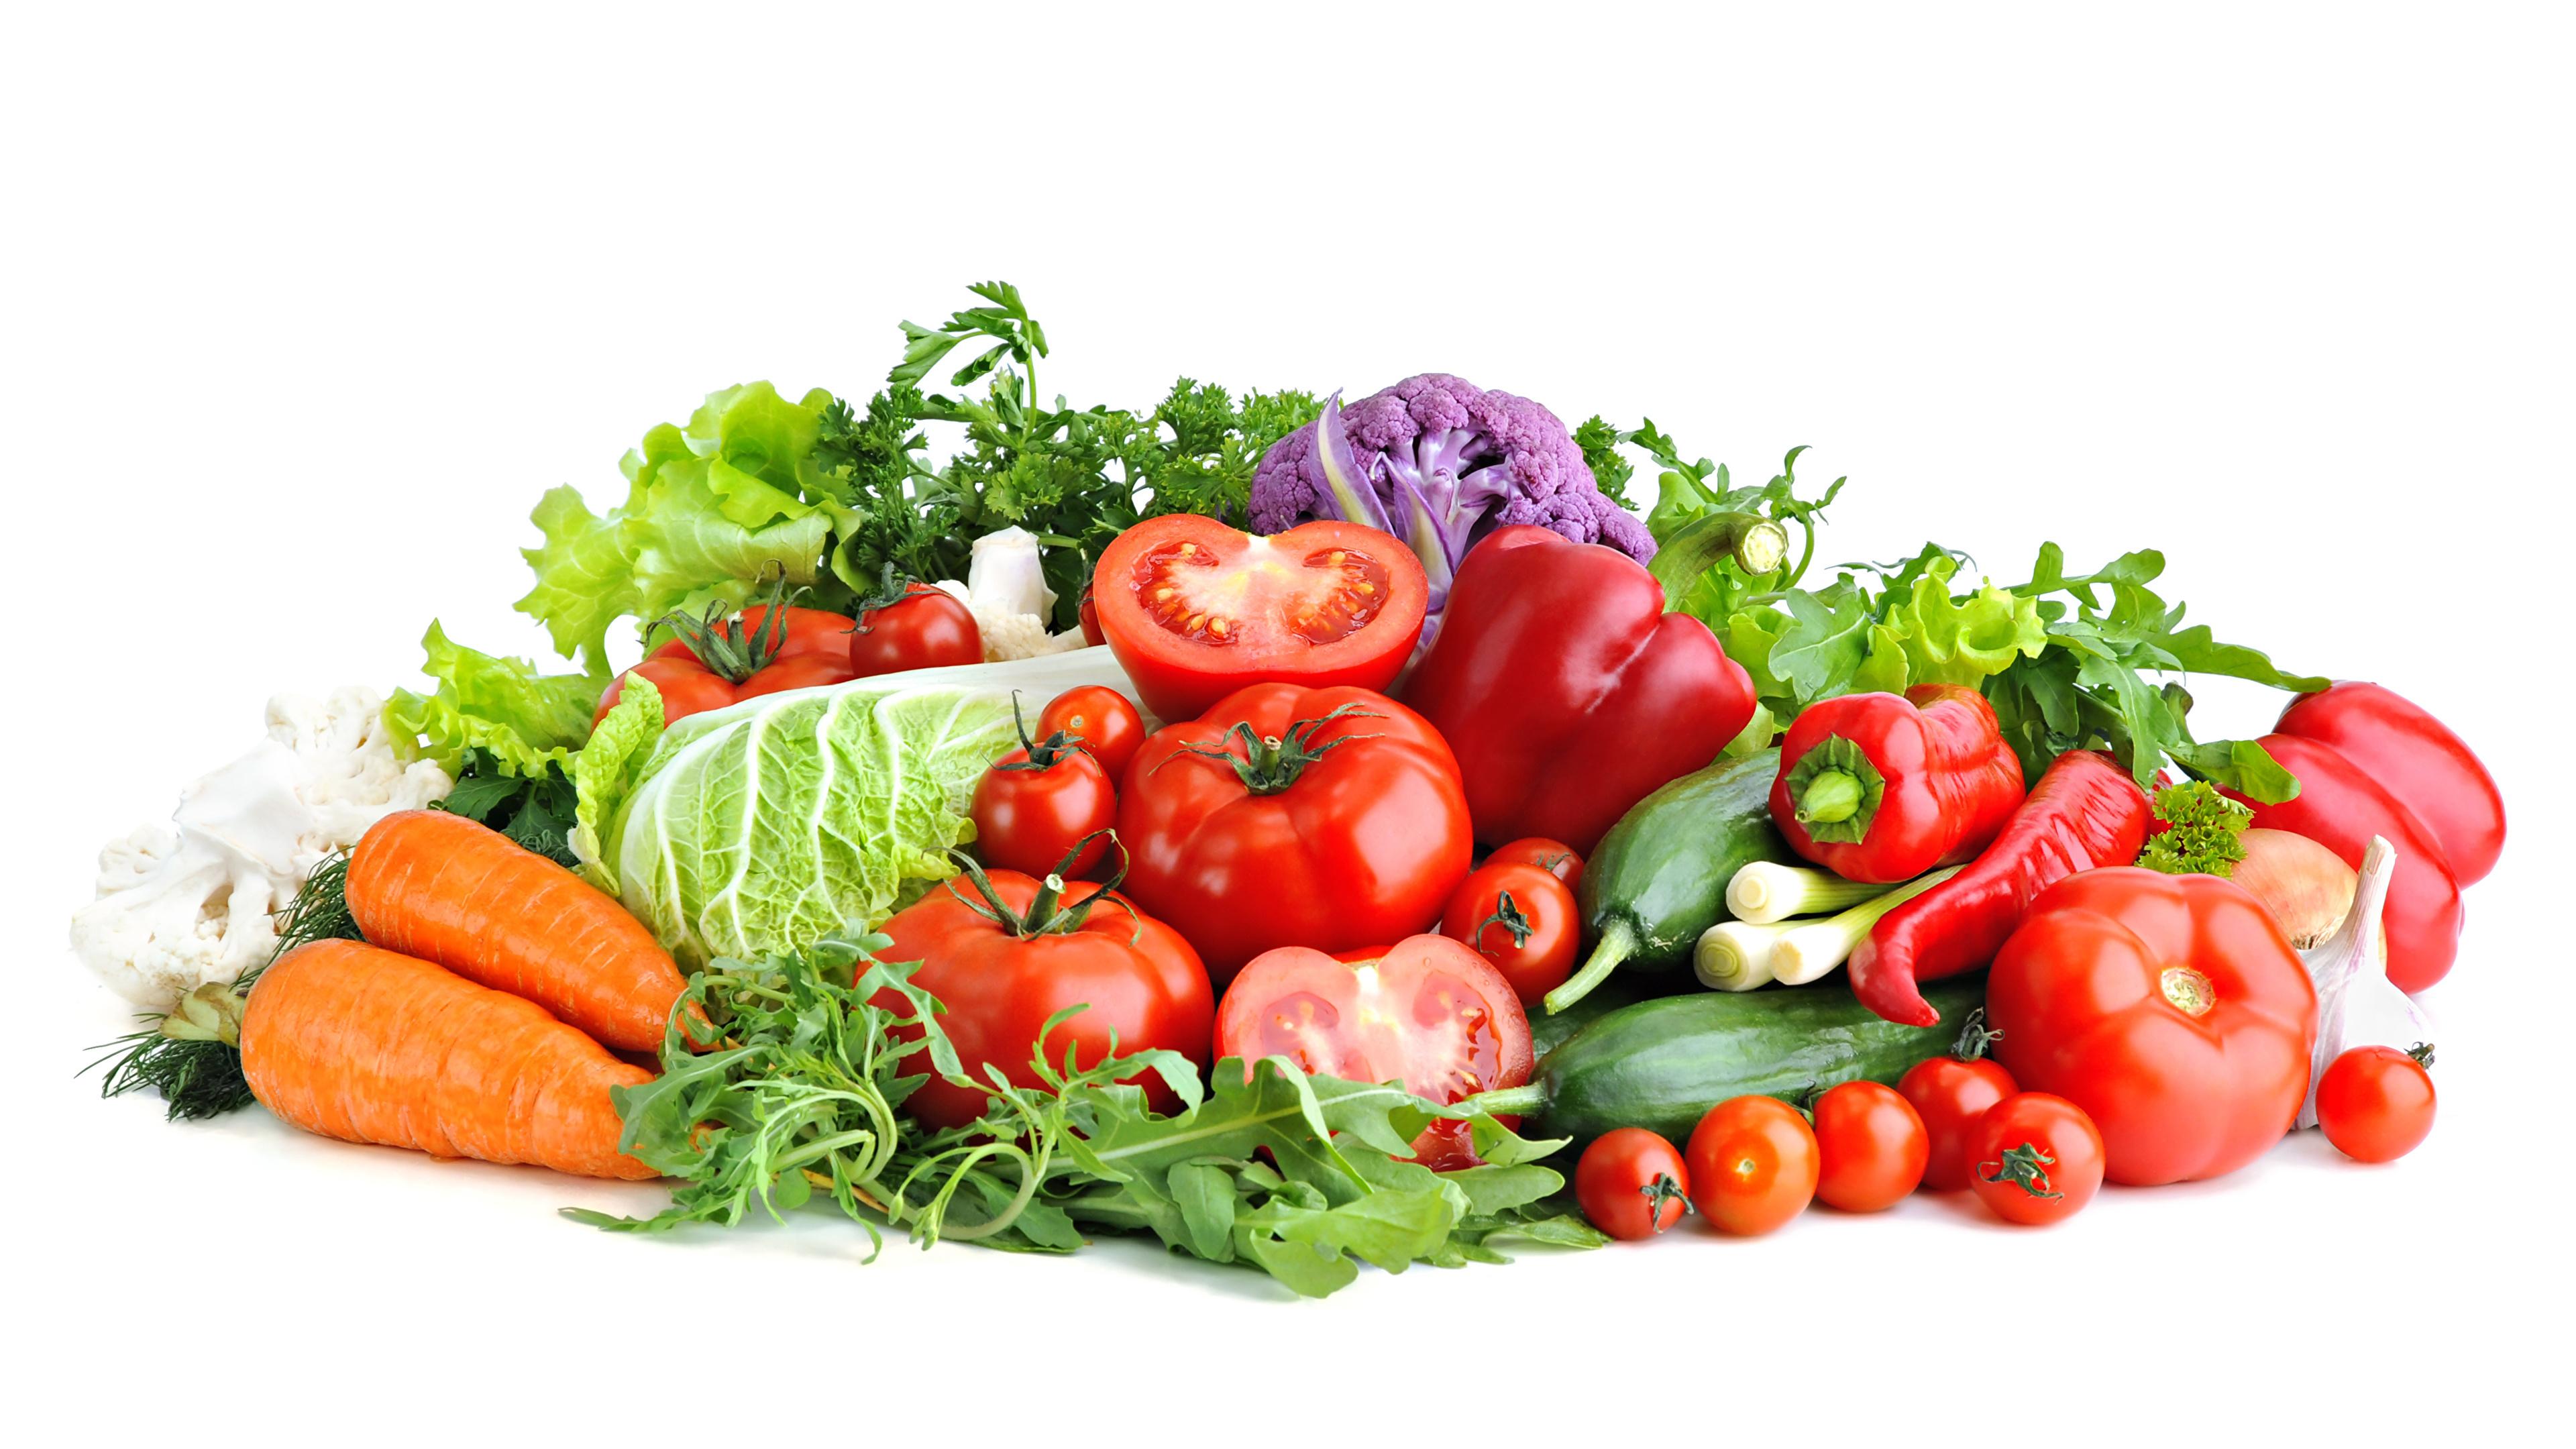 Картинки Морковь Помидоры Овощи перец овощной Продукты питания Белый фон 3840x2160 Томаты морковка Еда Пища Перец белом фоне белым фоном